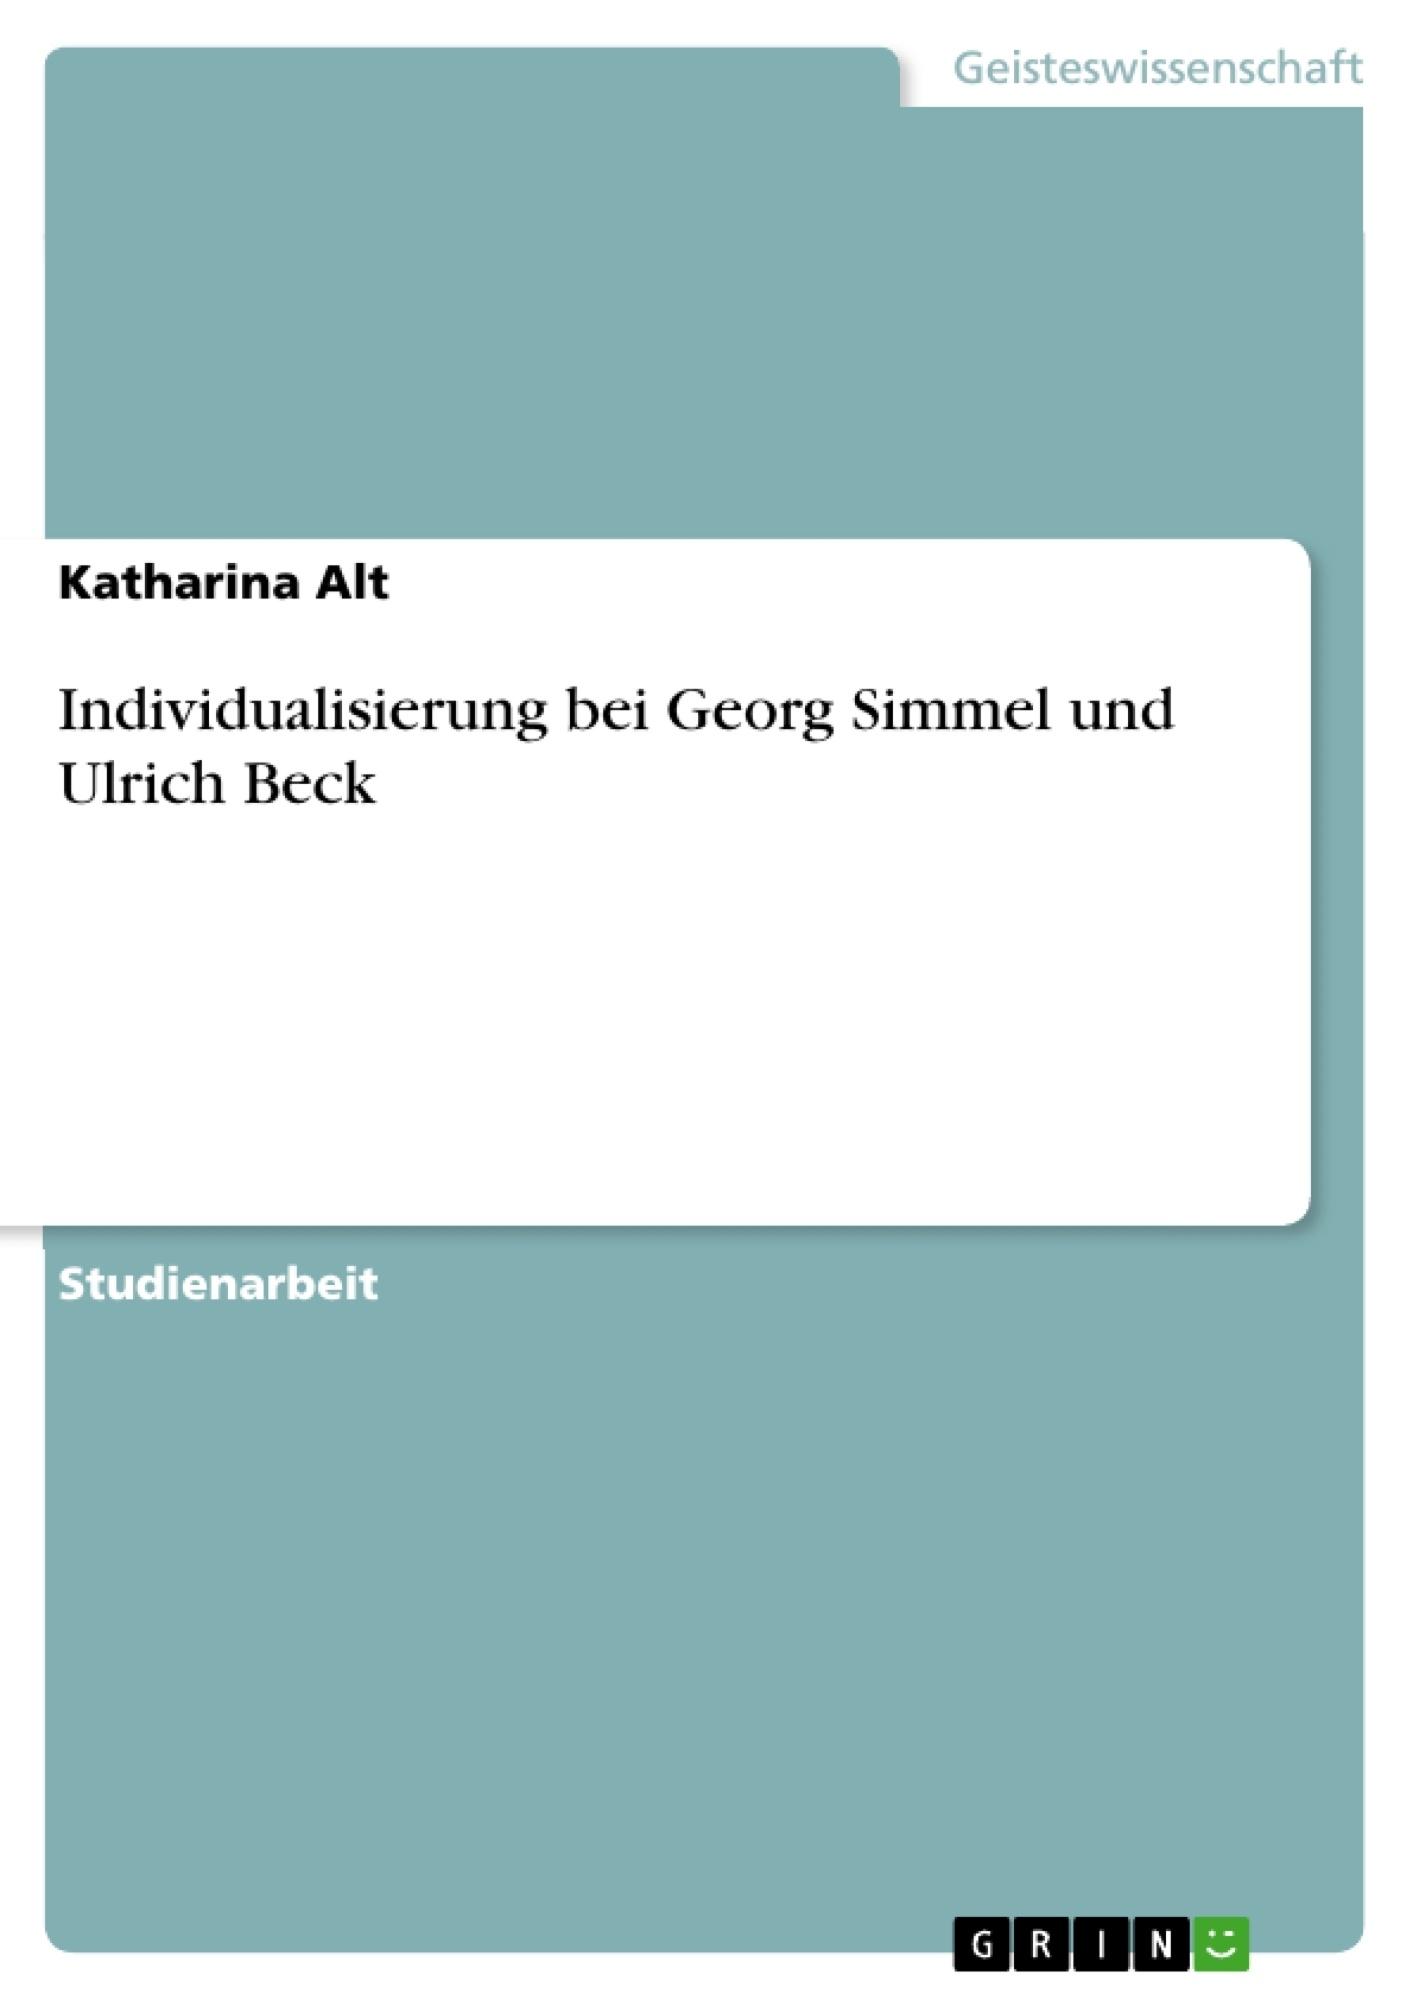 Titel: Individualisierung bei Georg Simmel und Ulrich Beck